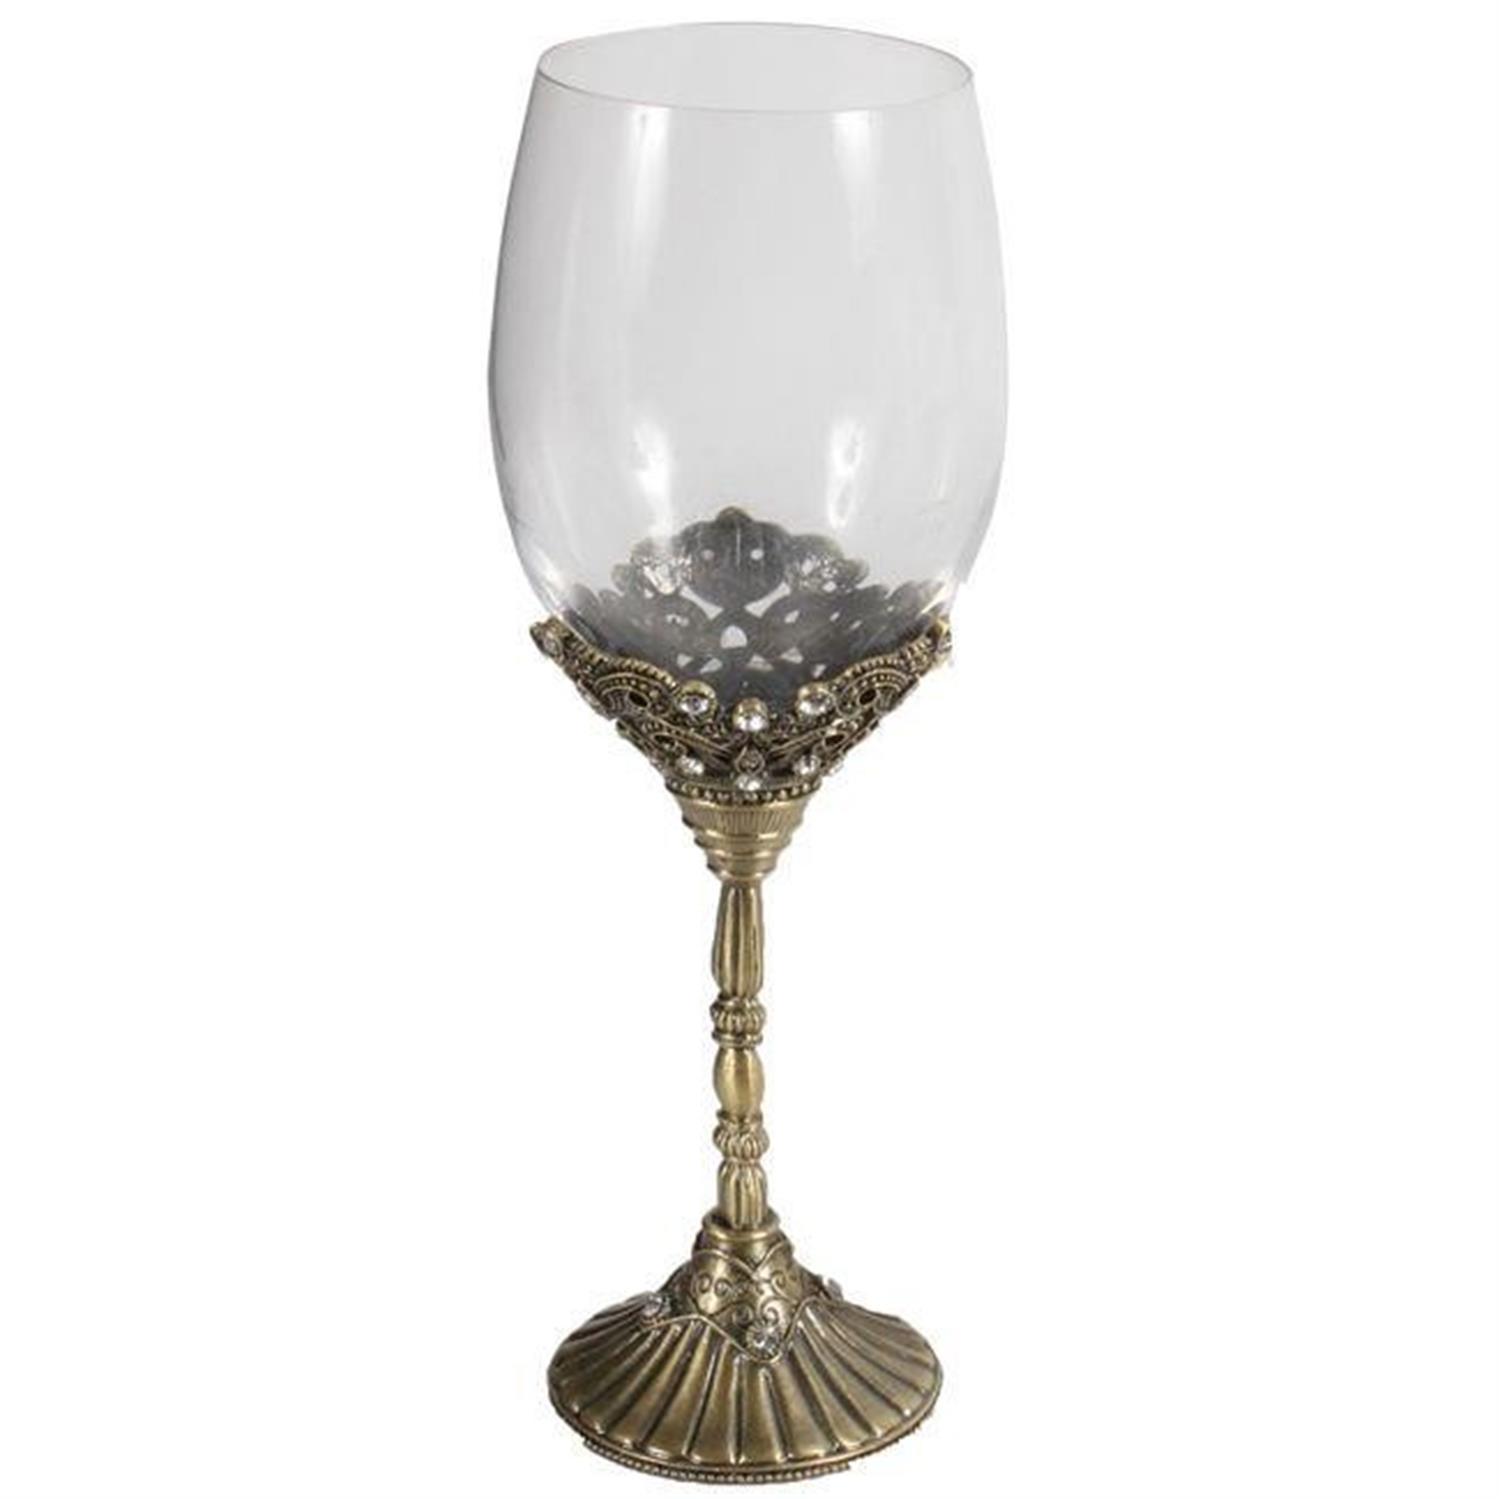 Ποτήρι με ζιργκόν μεταλλικό μπρονζέ Υ/22cm Inart 3-70-744-0042